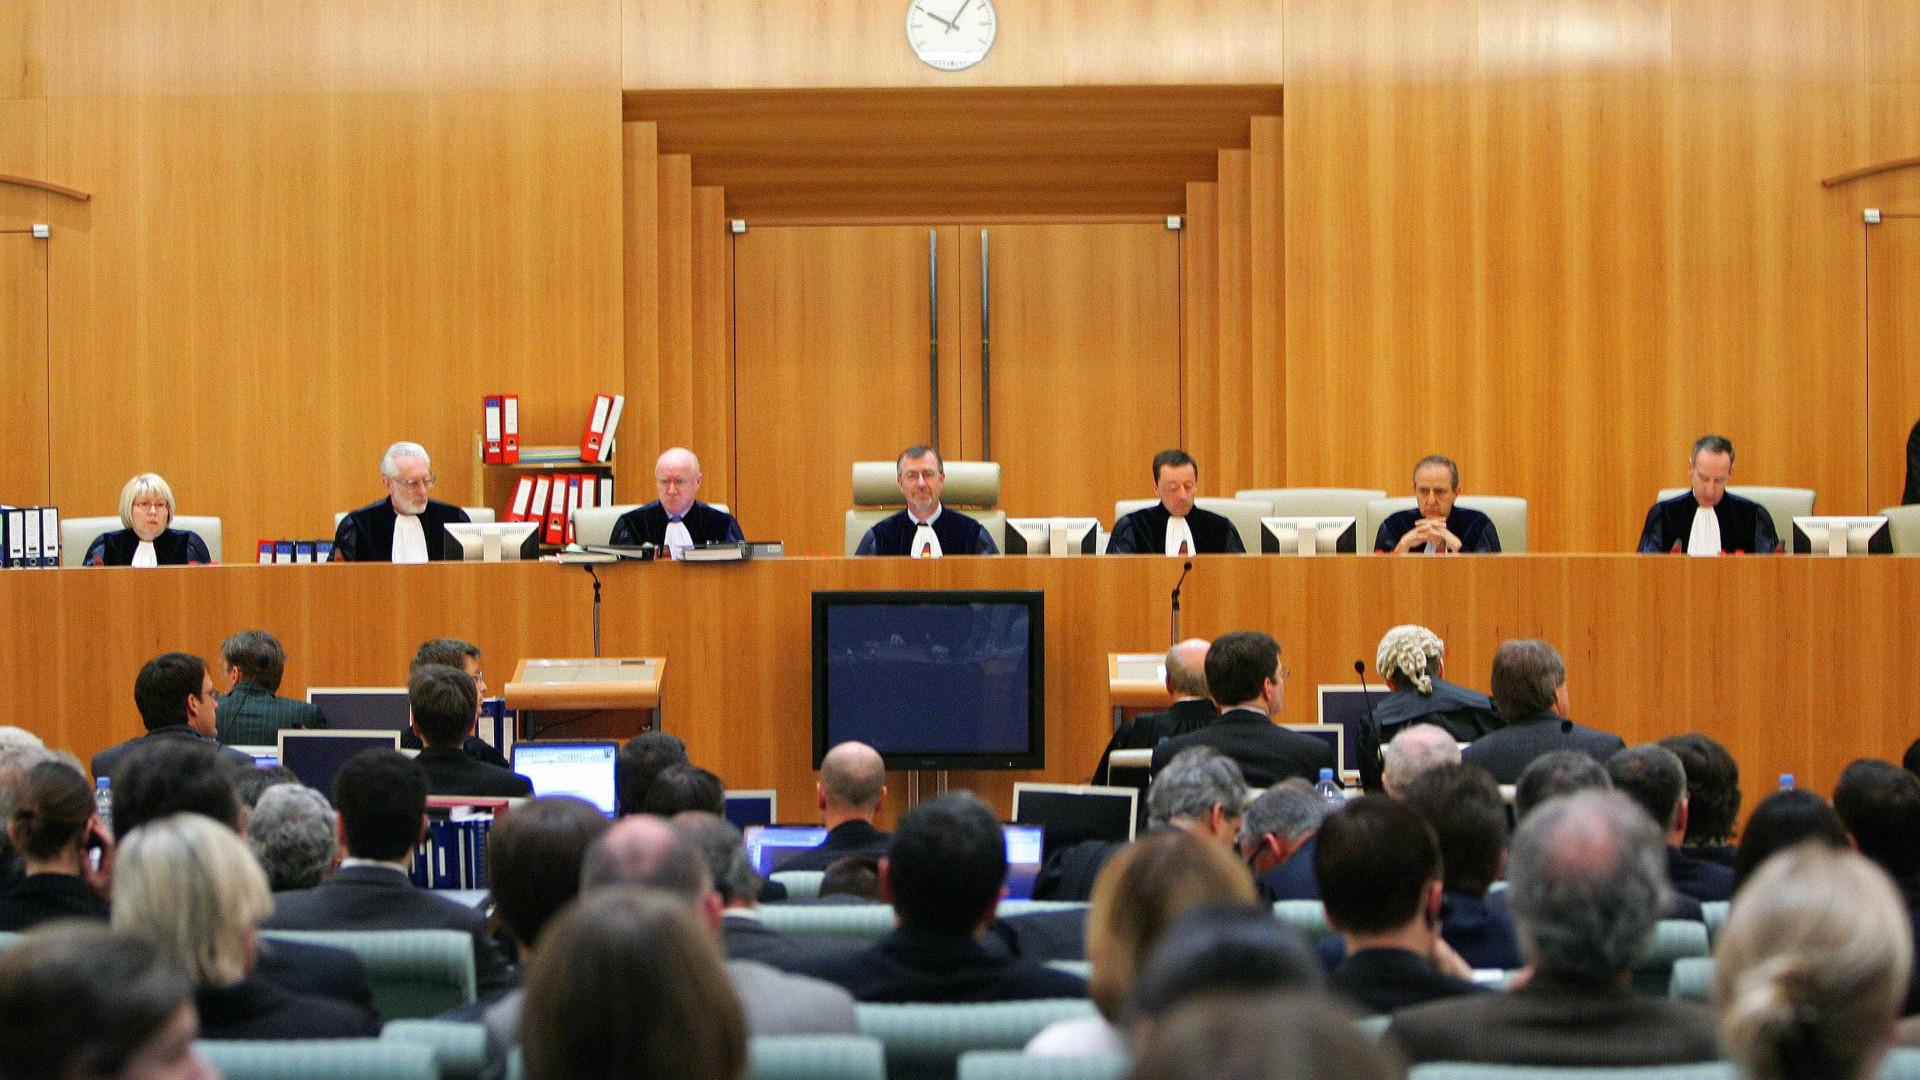 Resultado de imagem para tribunal europeu direitos